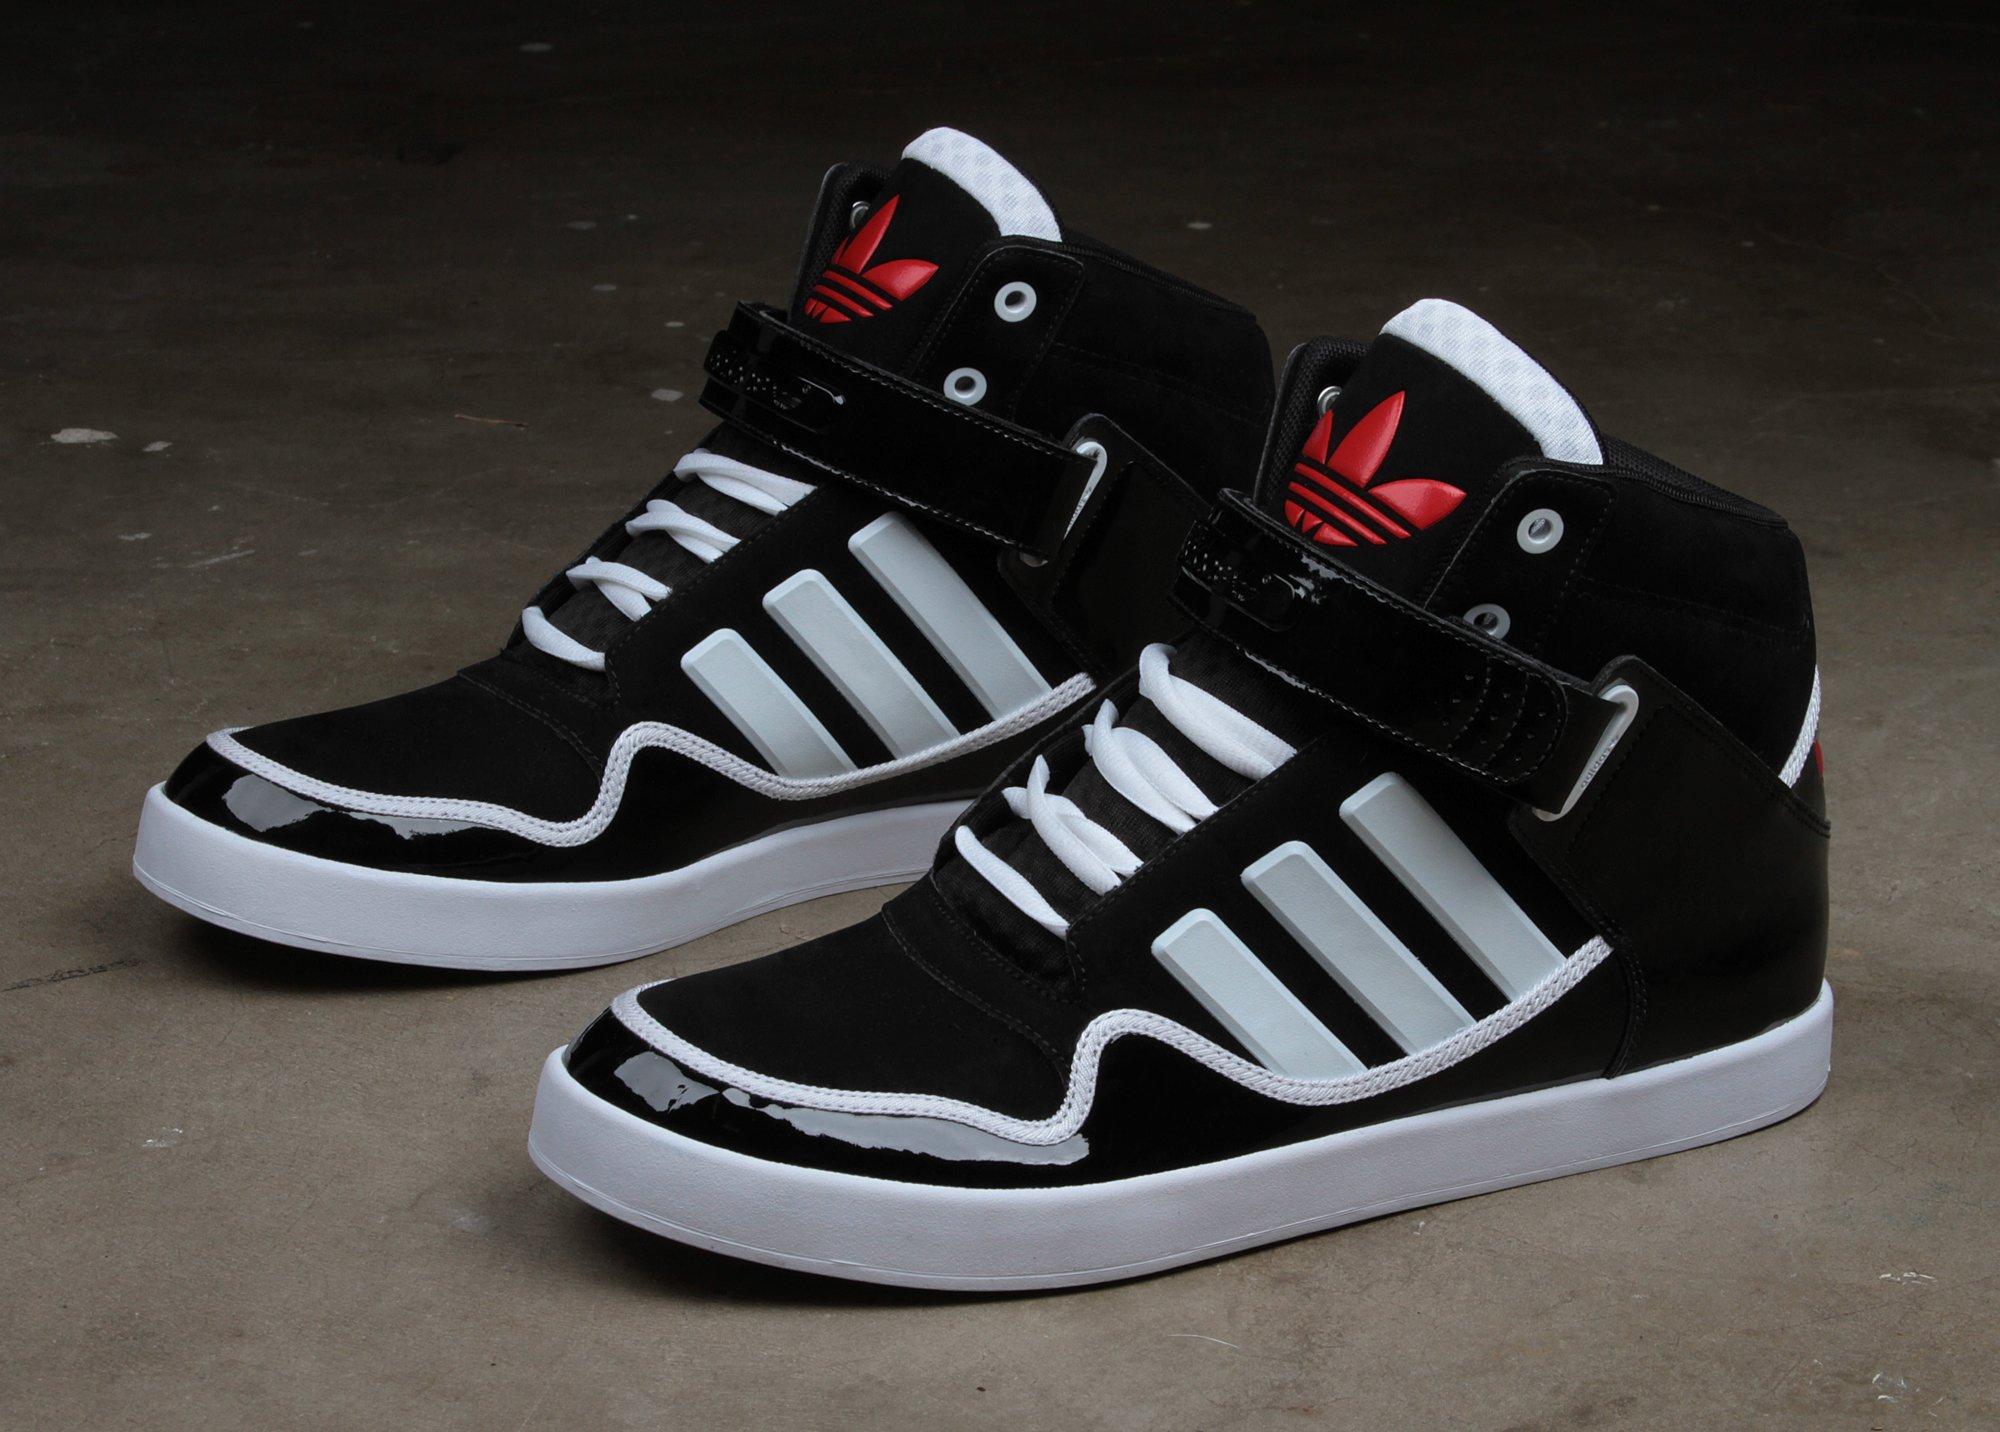 new product de3e6 35b53 adidas-originals-ar-2-0-chicago-3